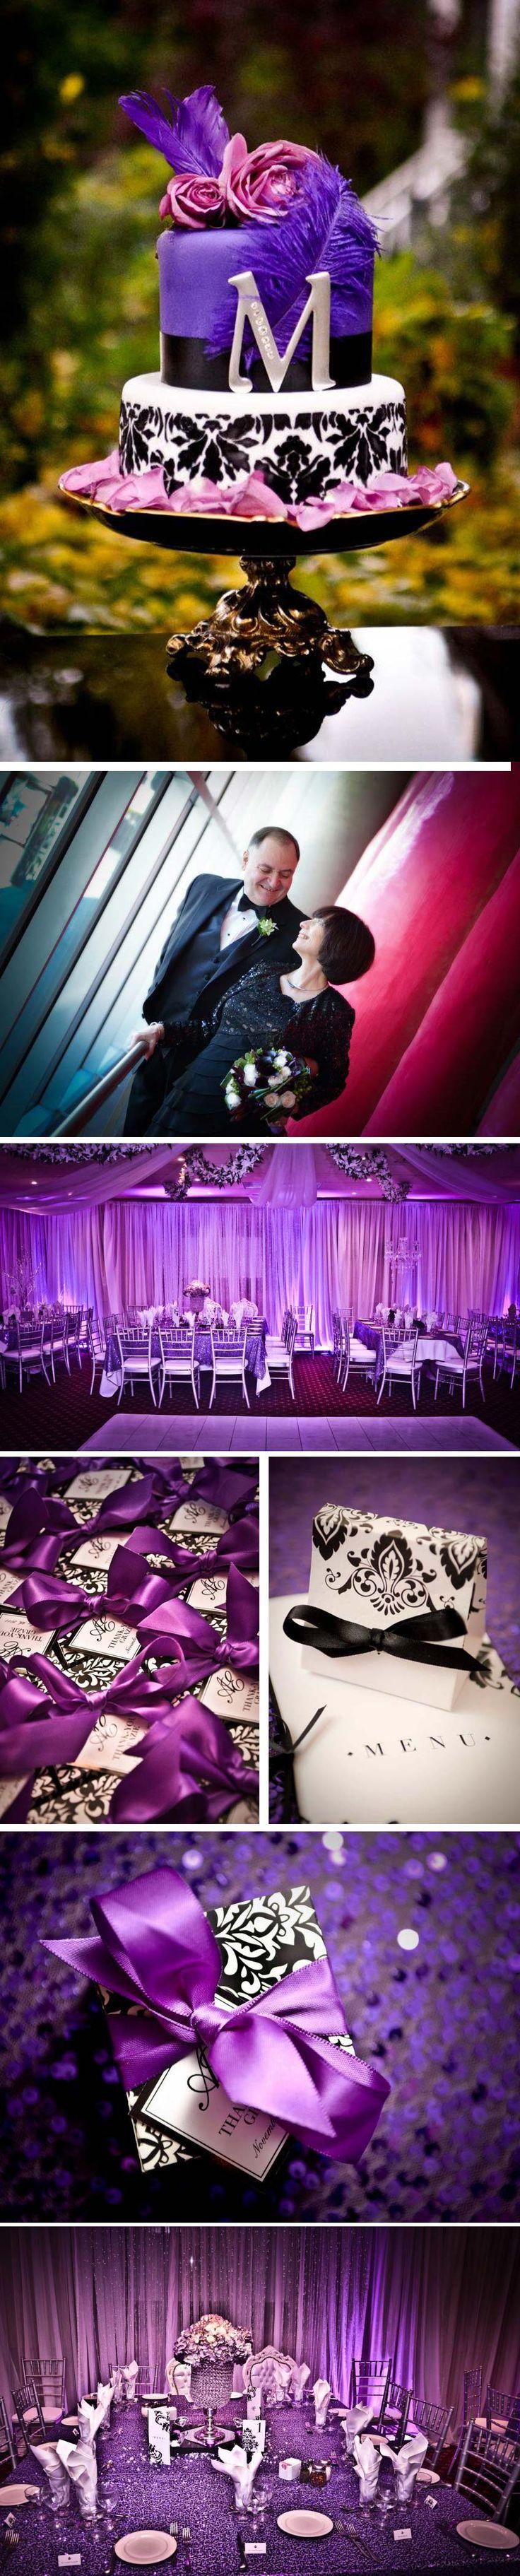 81 Best Damask Wedding Decorations Images On Pinterest Cake